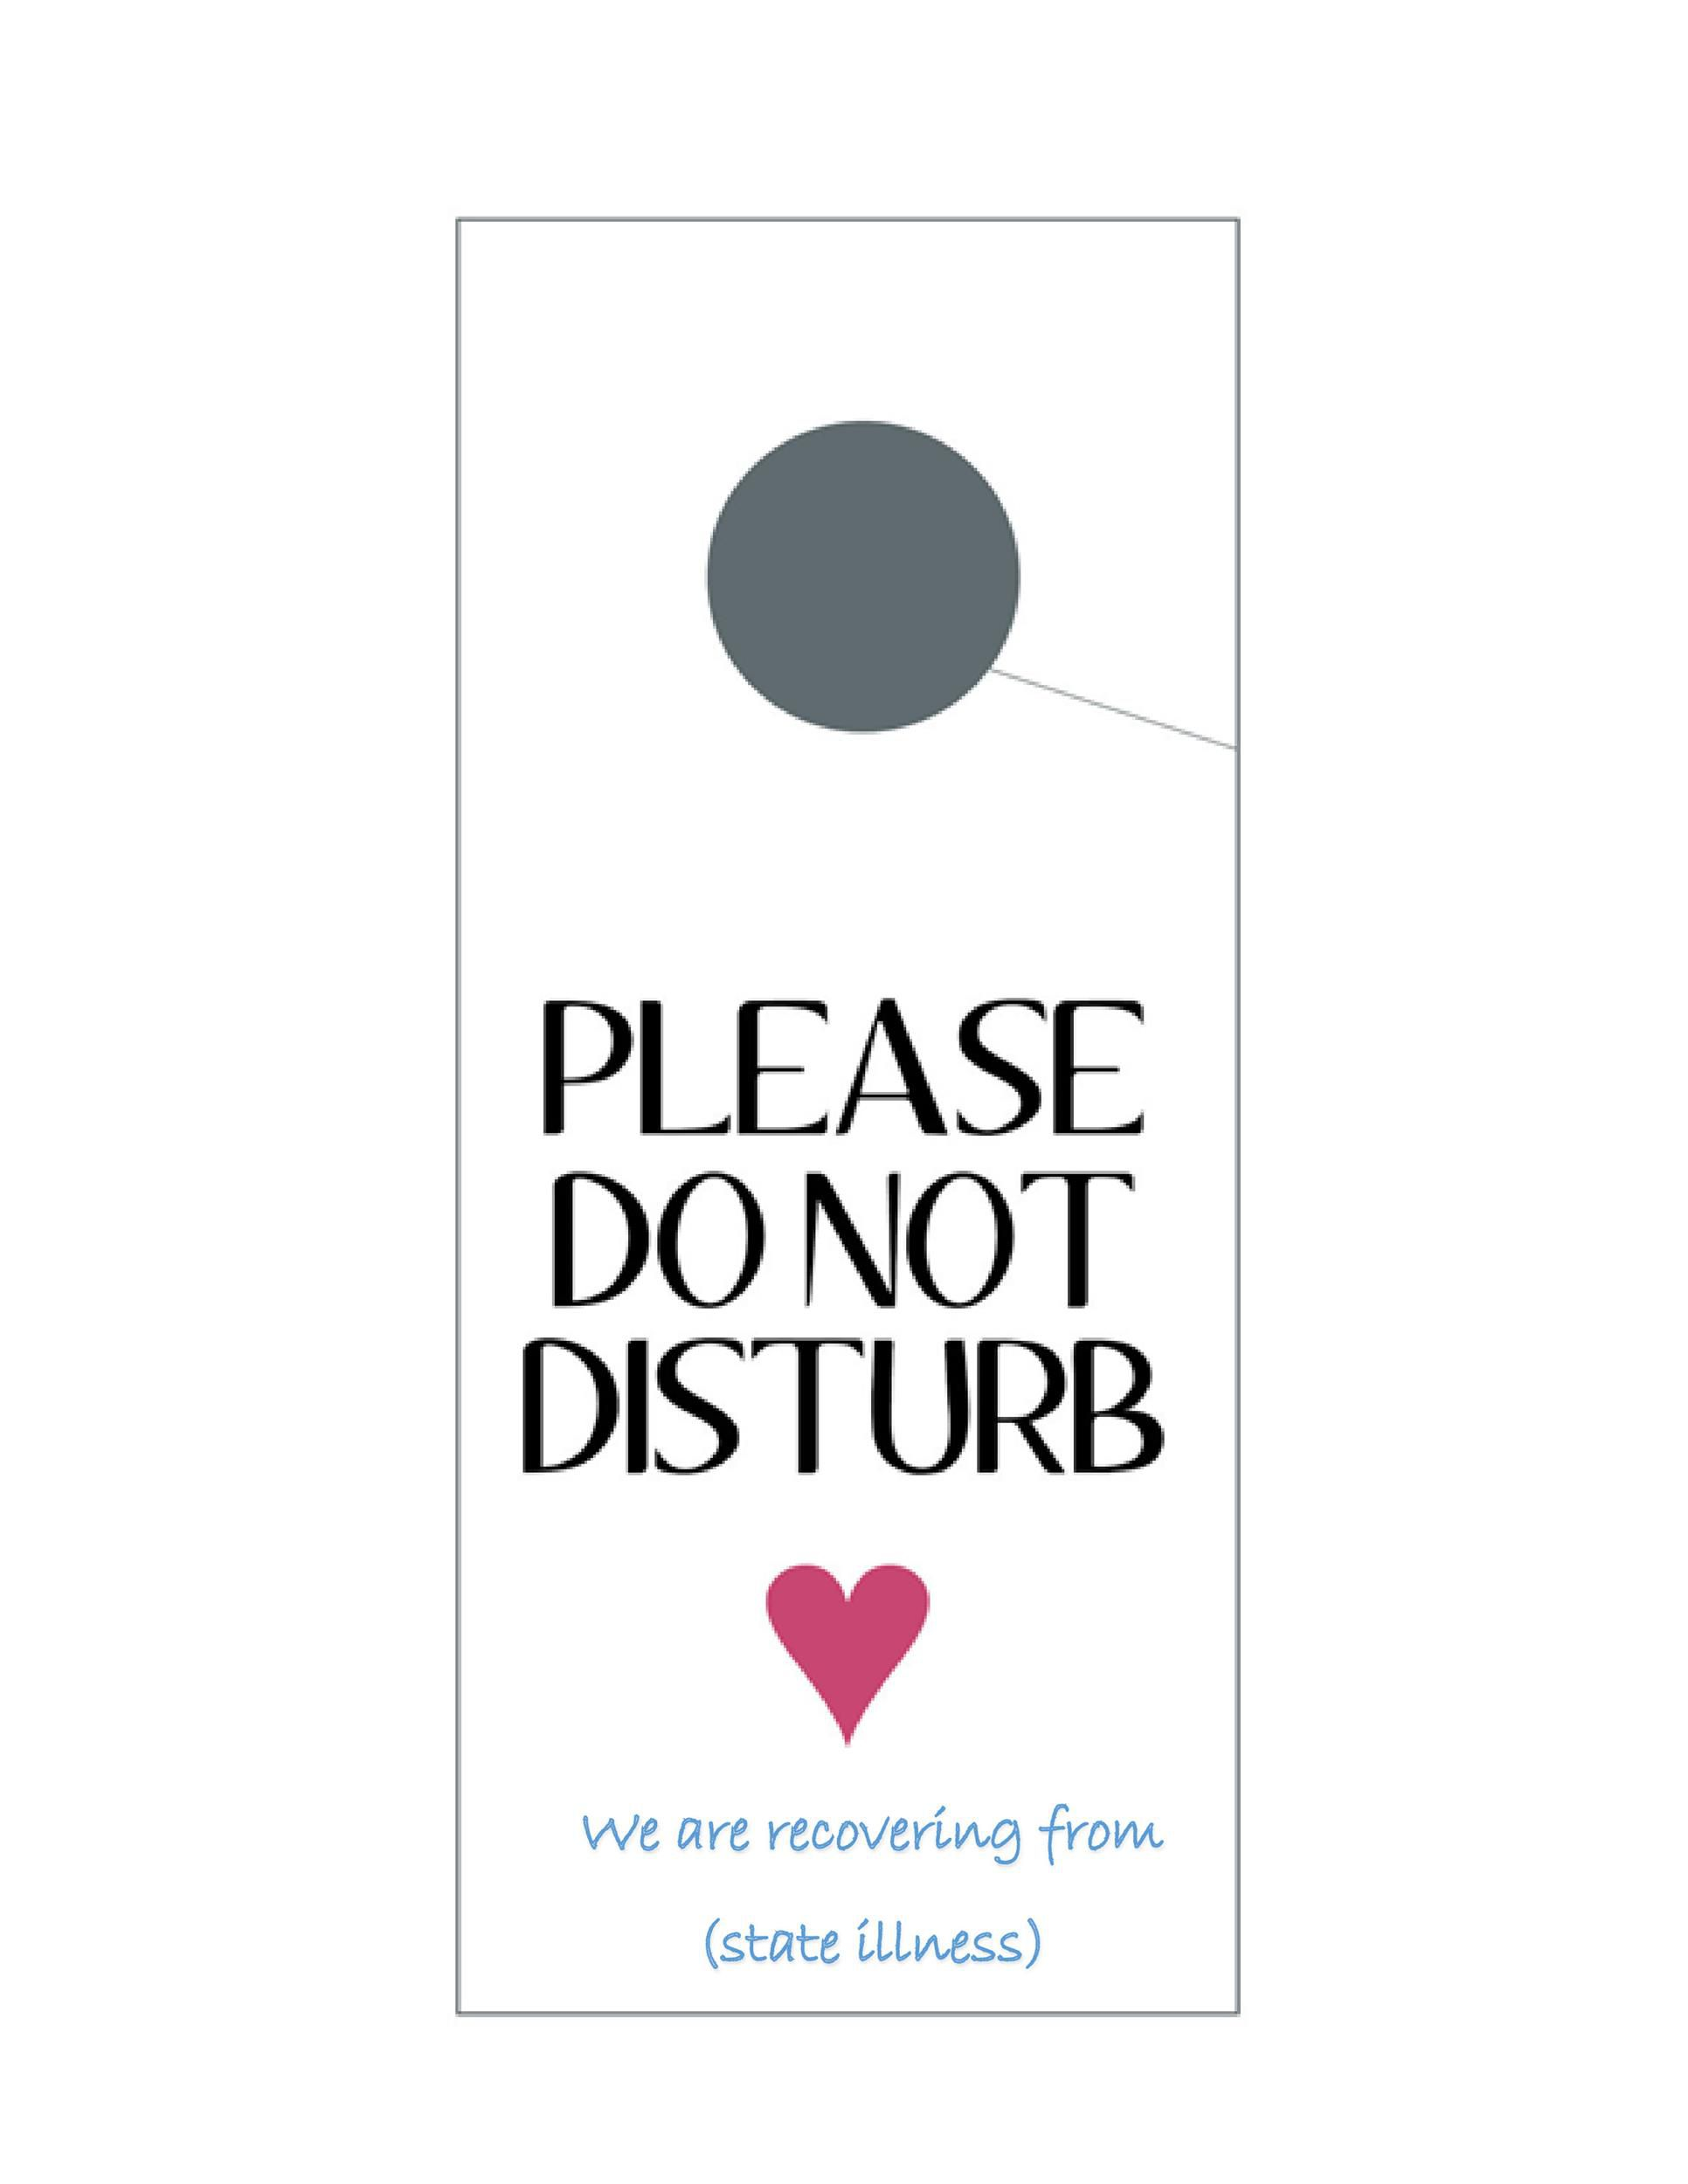 003 Best Free Printable Door Hanger Template Idea  Templates Wedding EditableFull